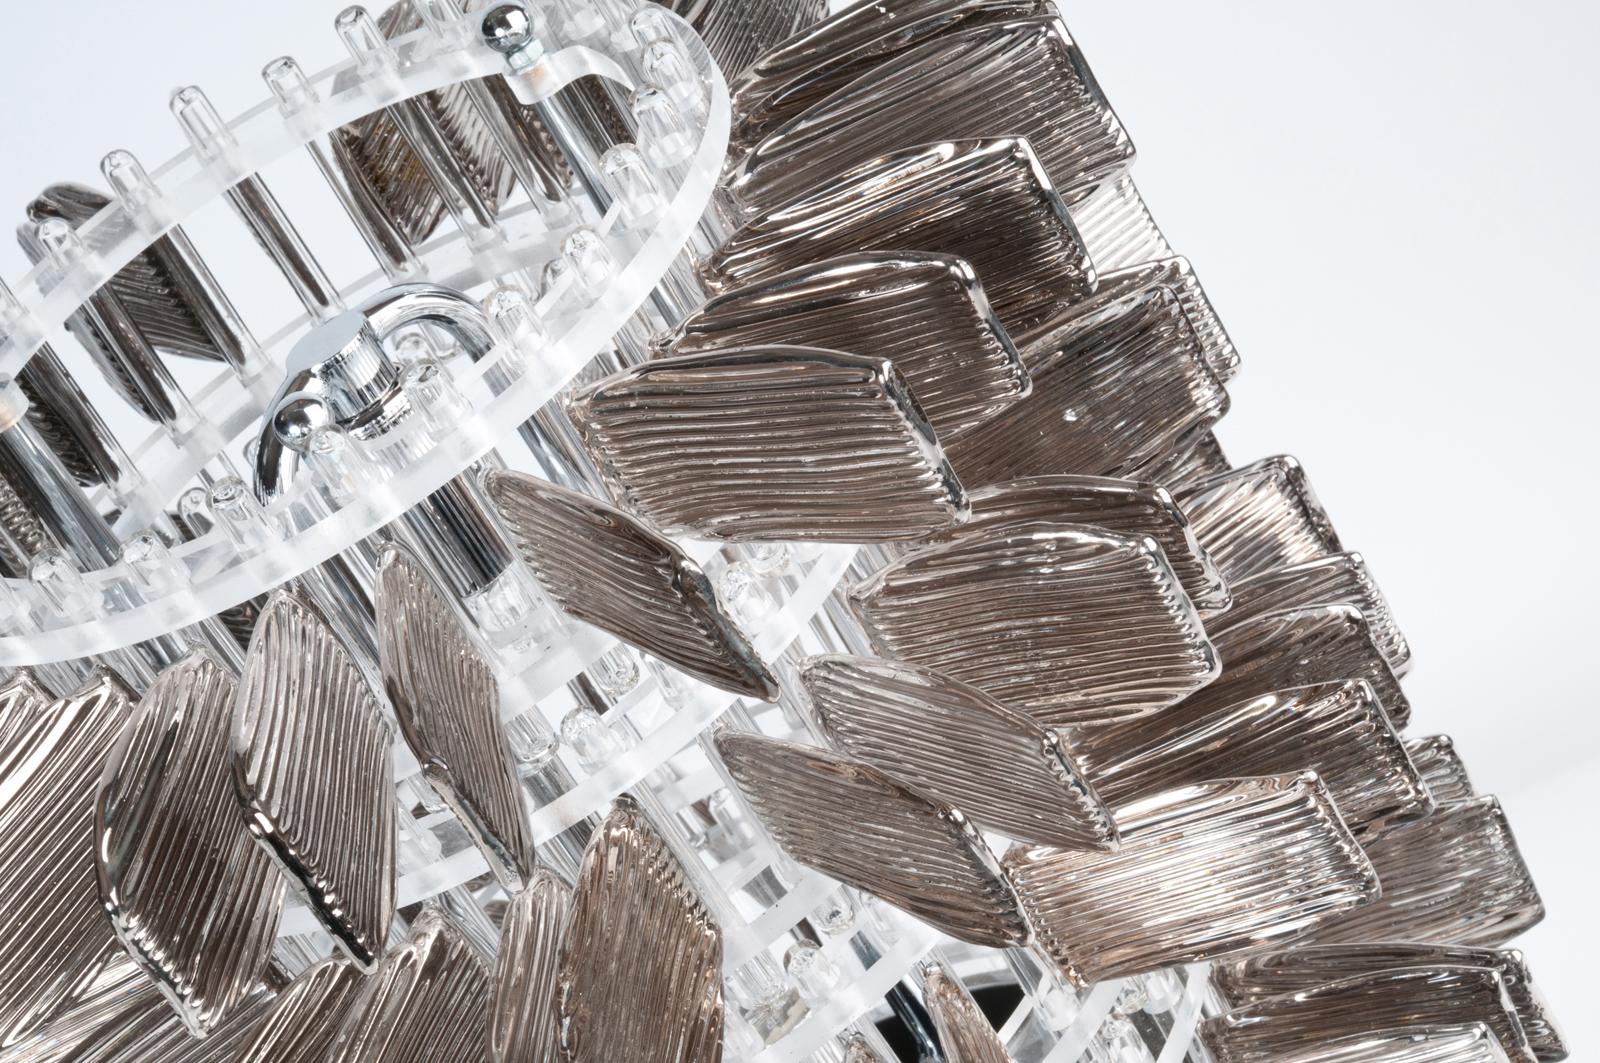 anemone-56-table-chrome-platine-platinium-veronese-maurizio-galante-tal-lancman-71.jpg